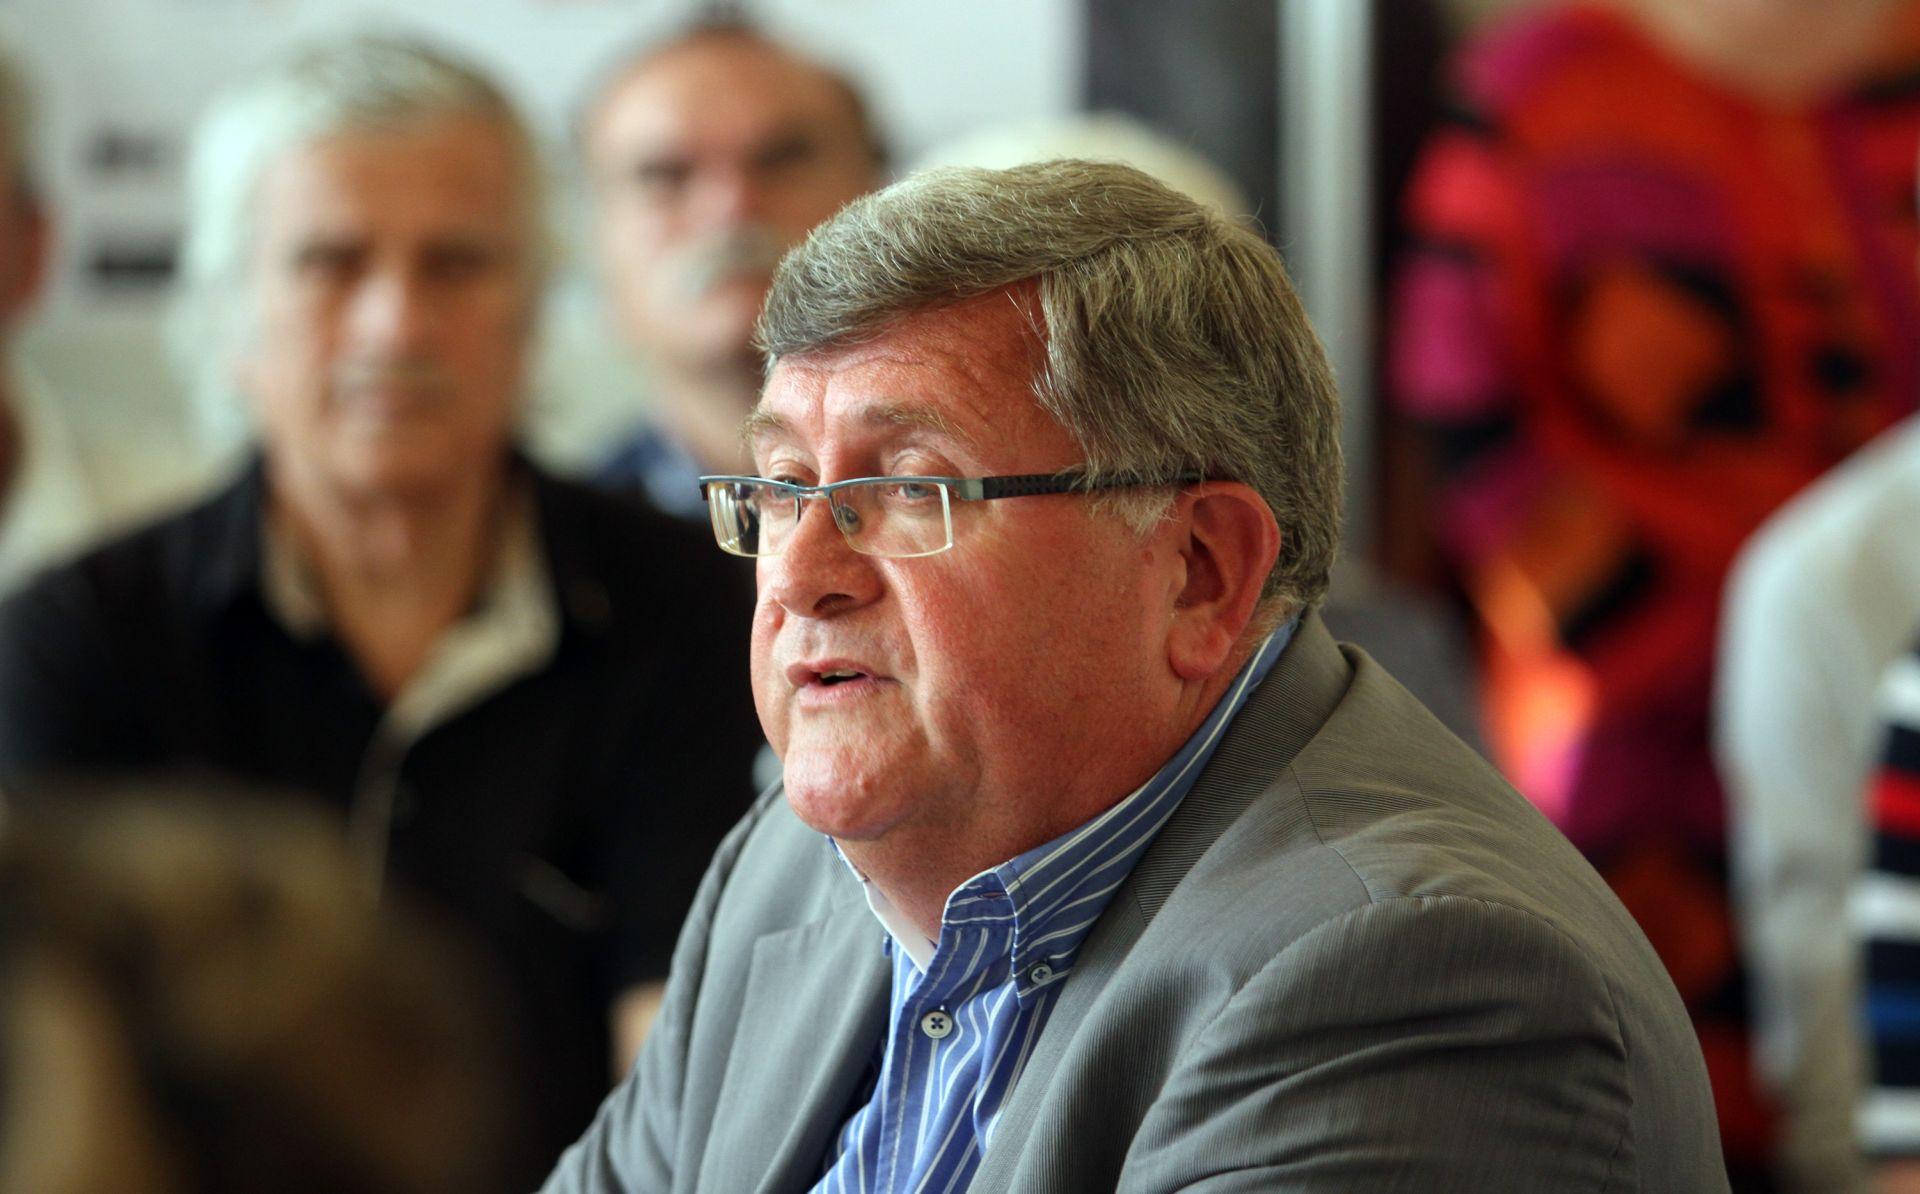 """REAKCIJA NA INCIDENTE Obersnel: """"Nasilje nije i ne može biti rješenje"""""""